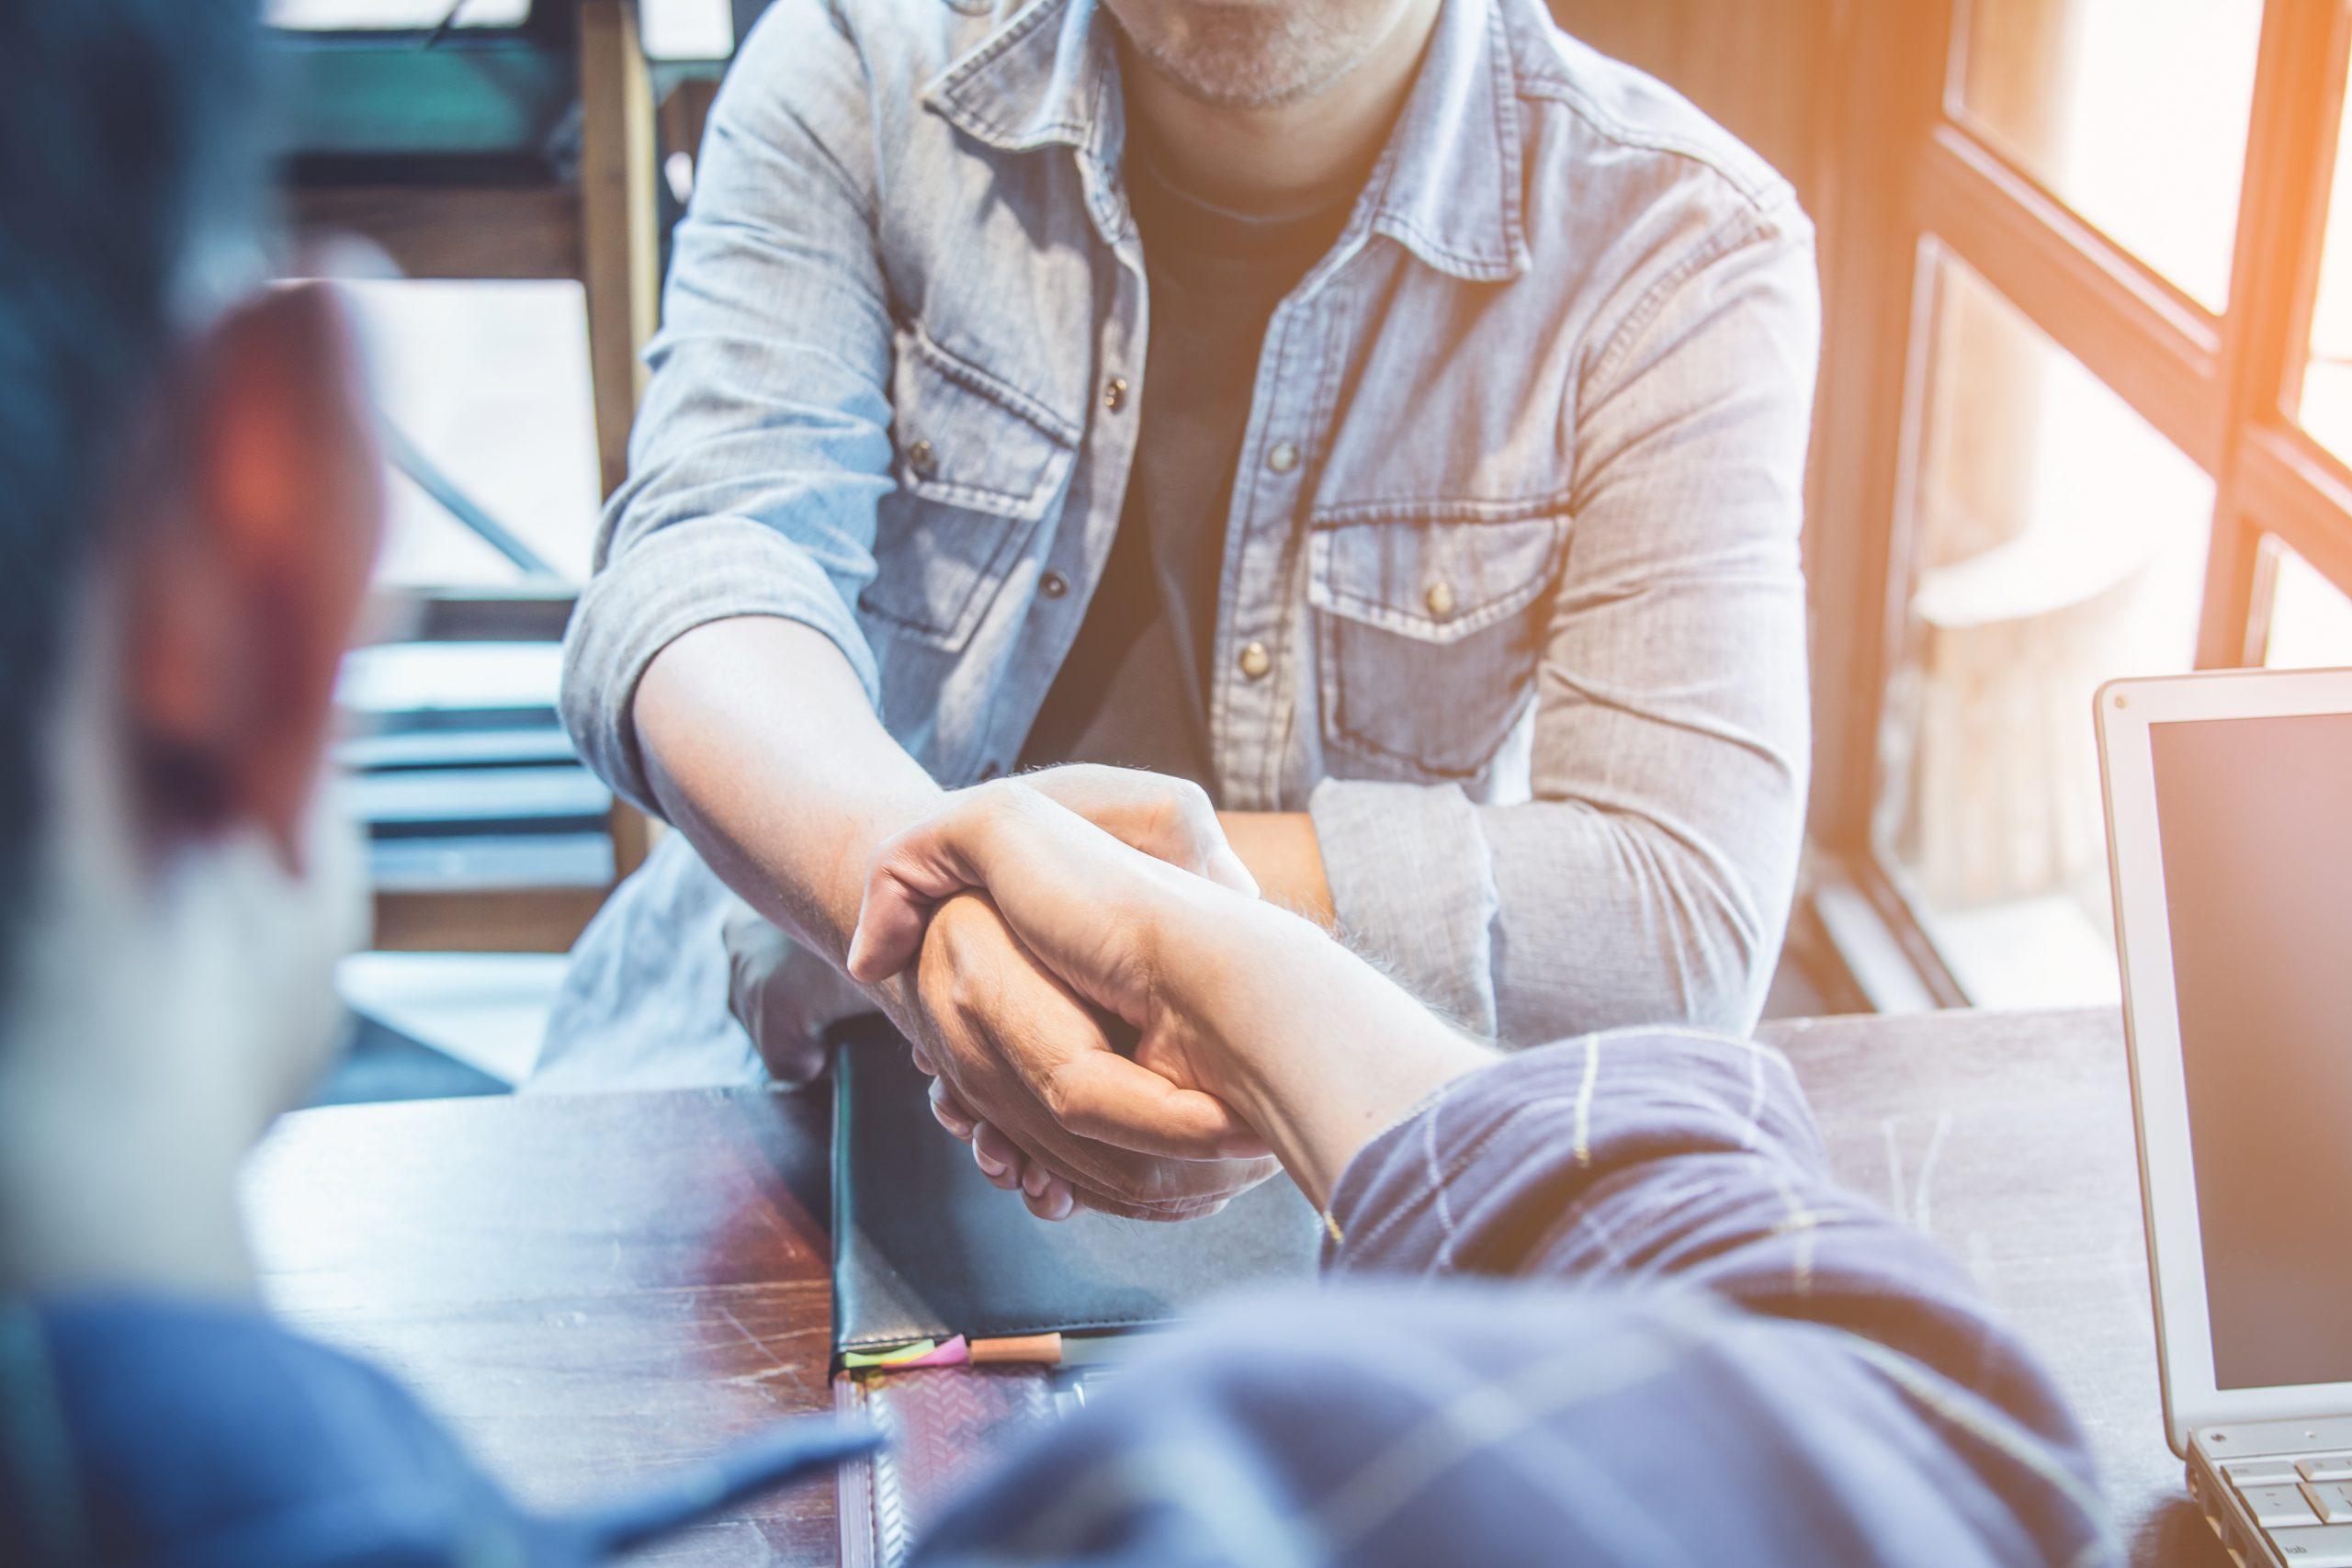 Führungskraft (c) Shutterstock